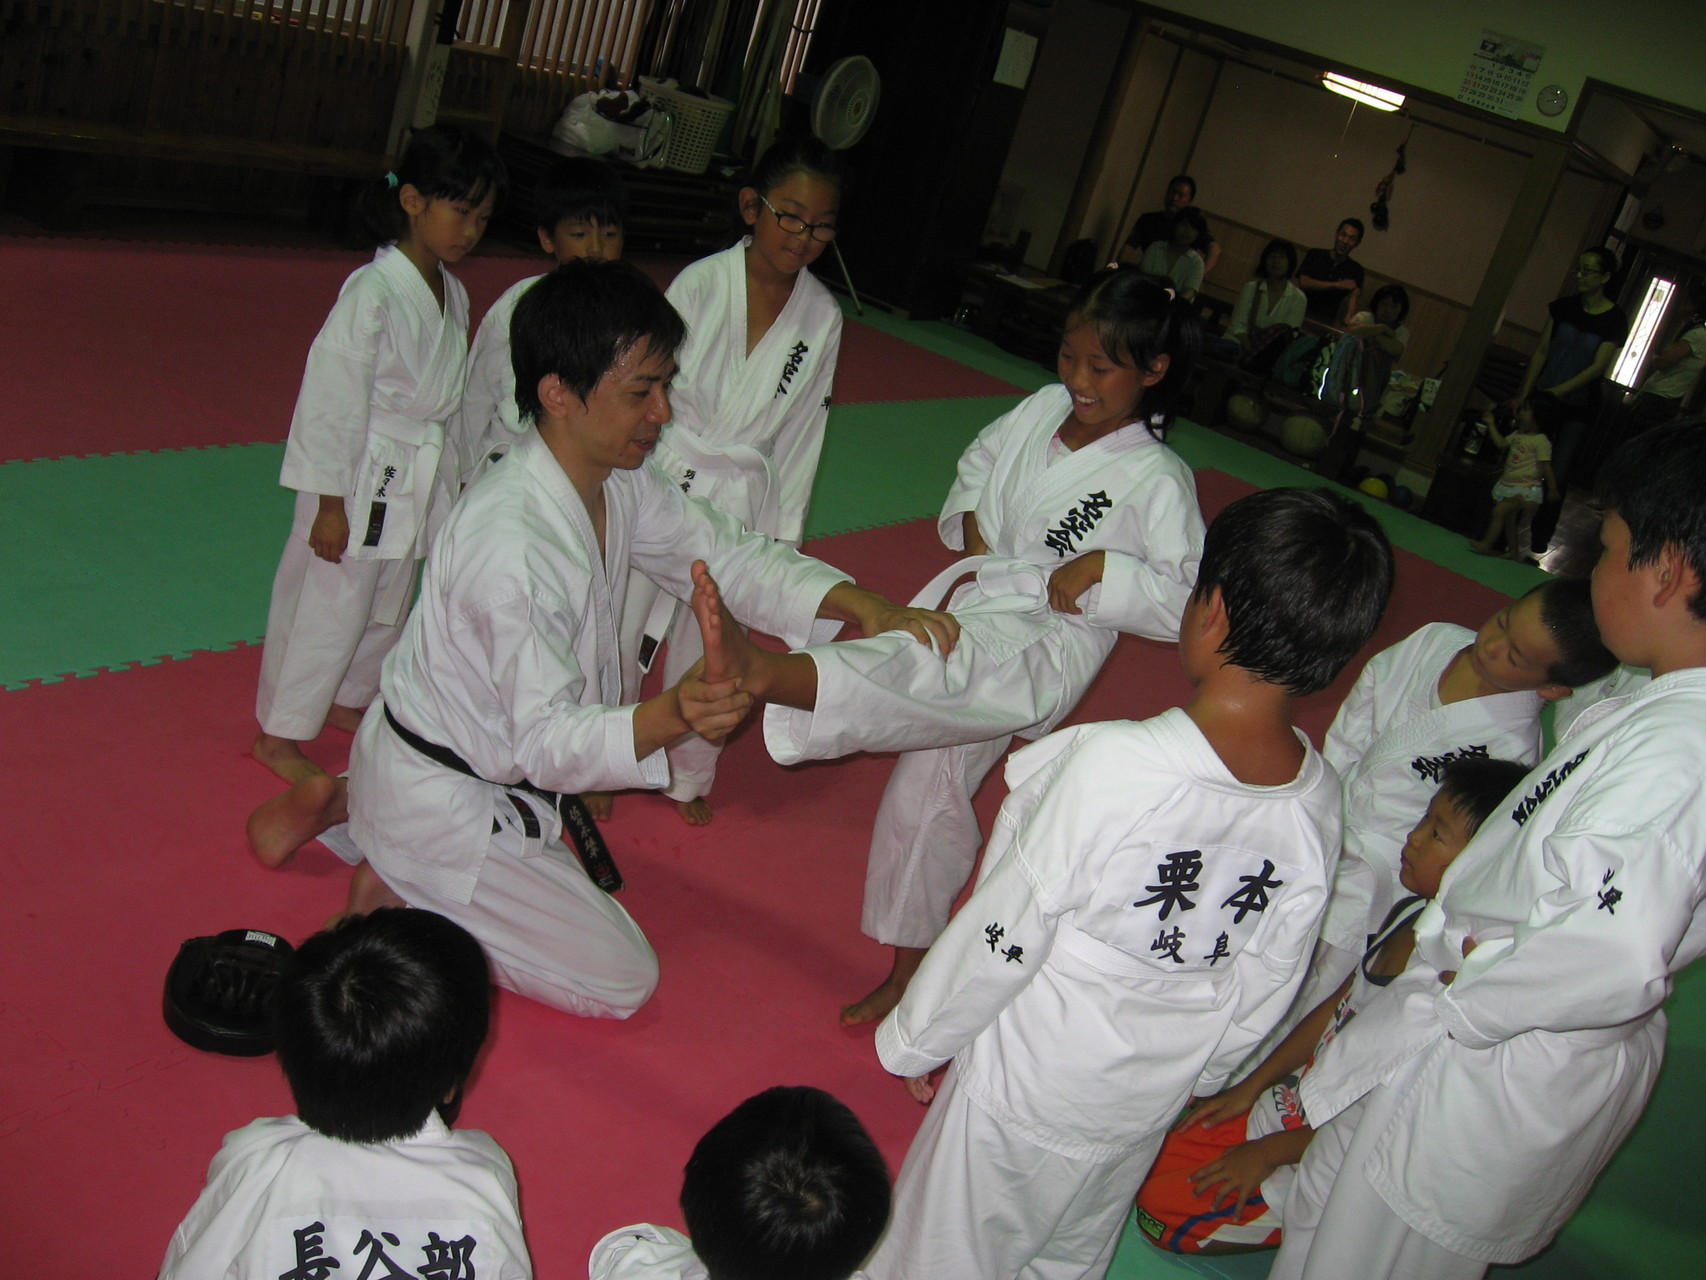 大垣道場での特別練習 前蹴り指導